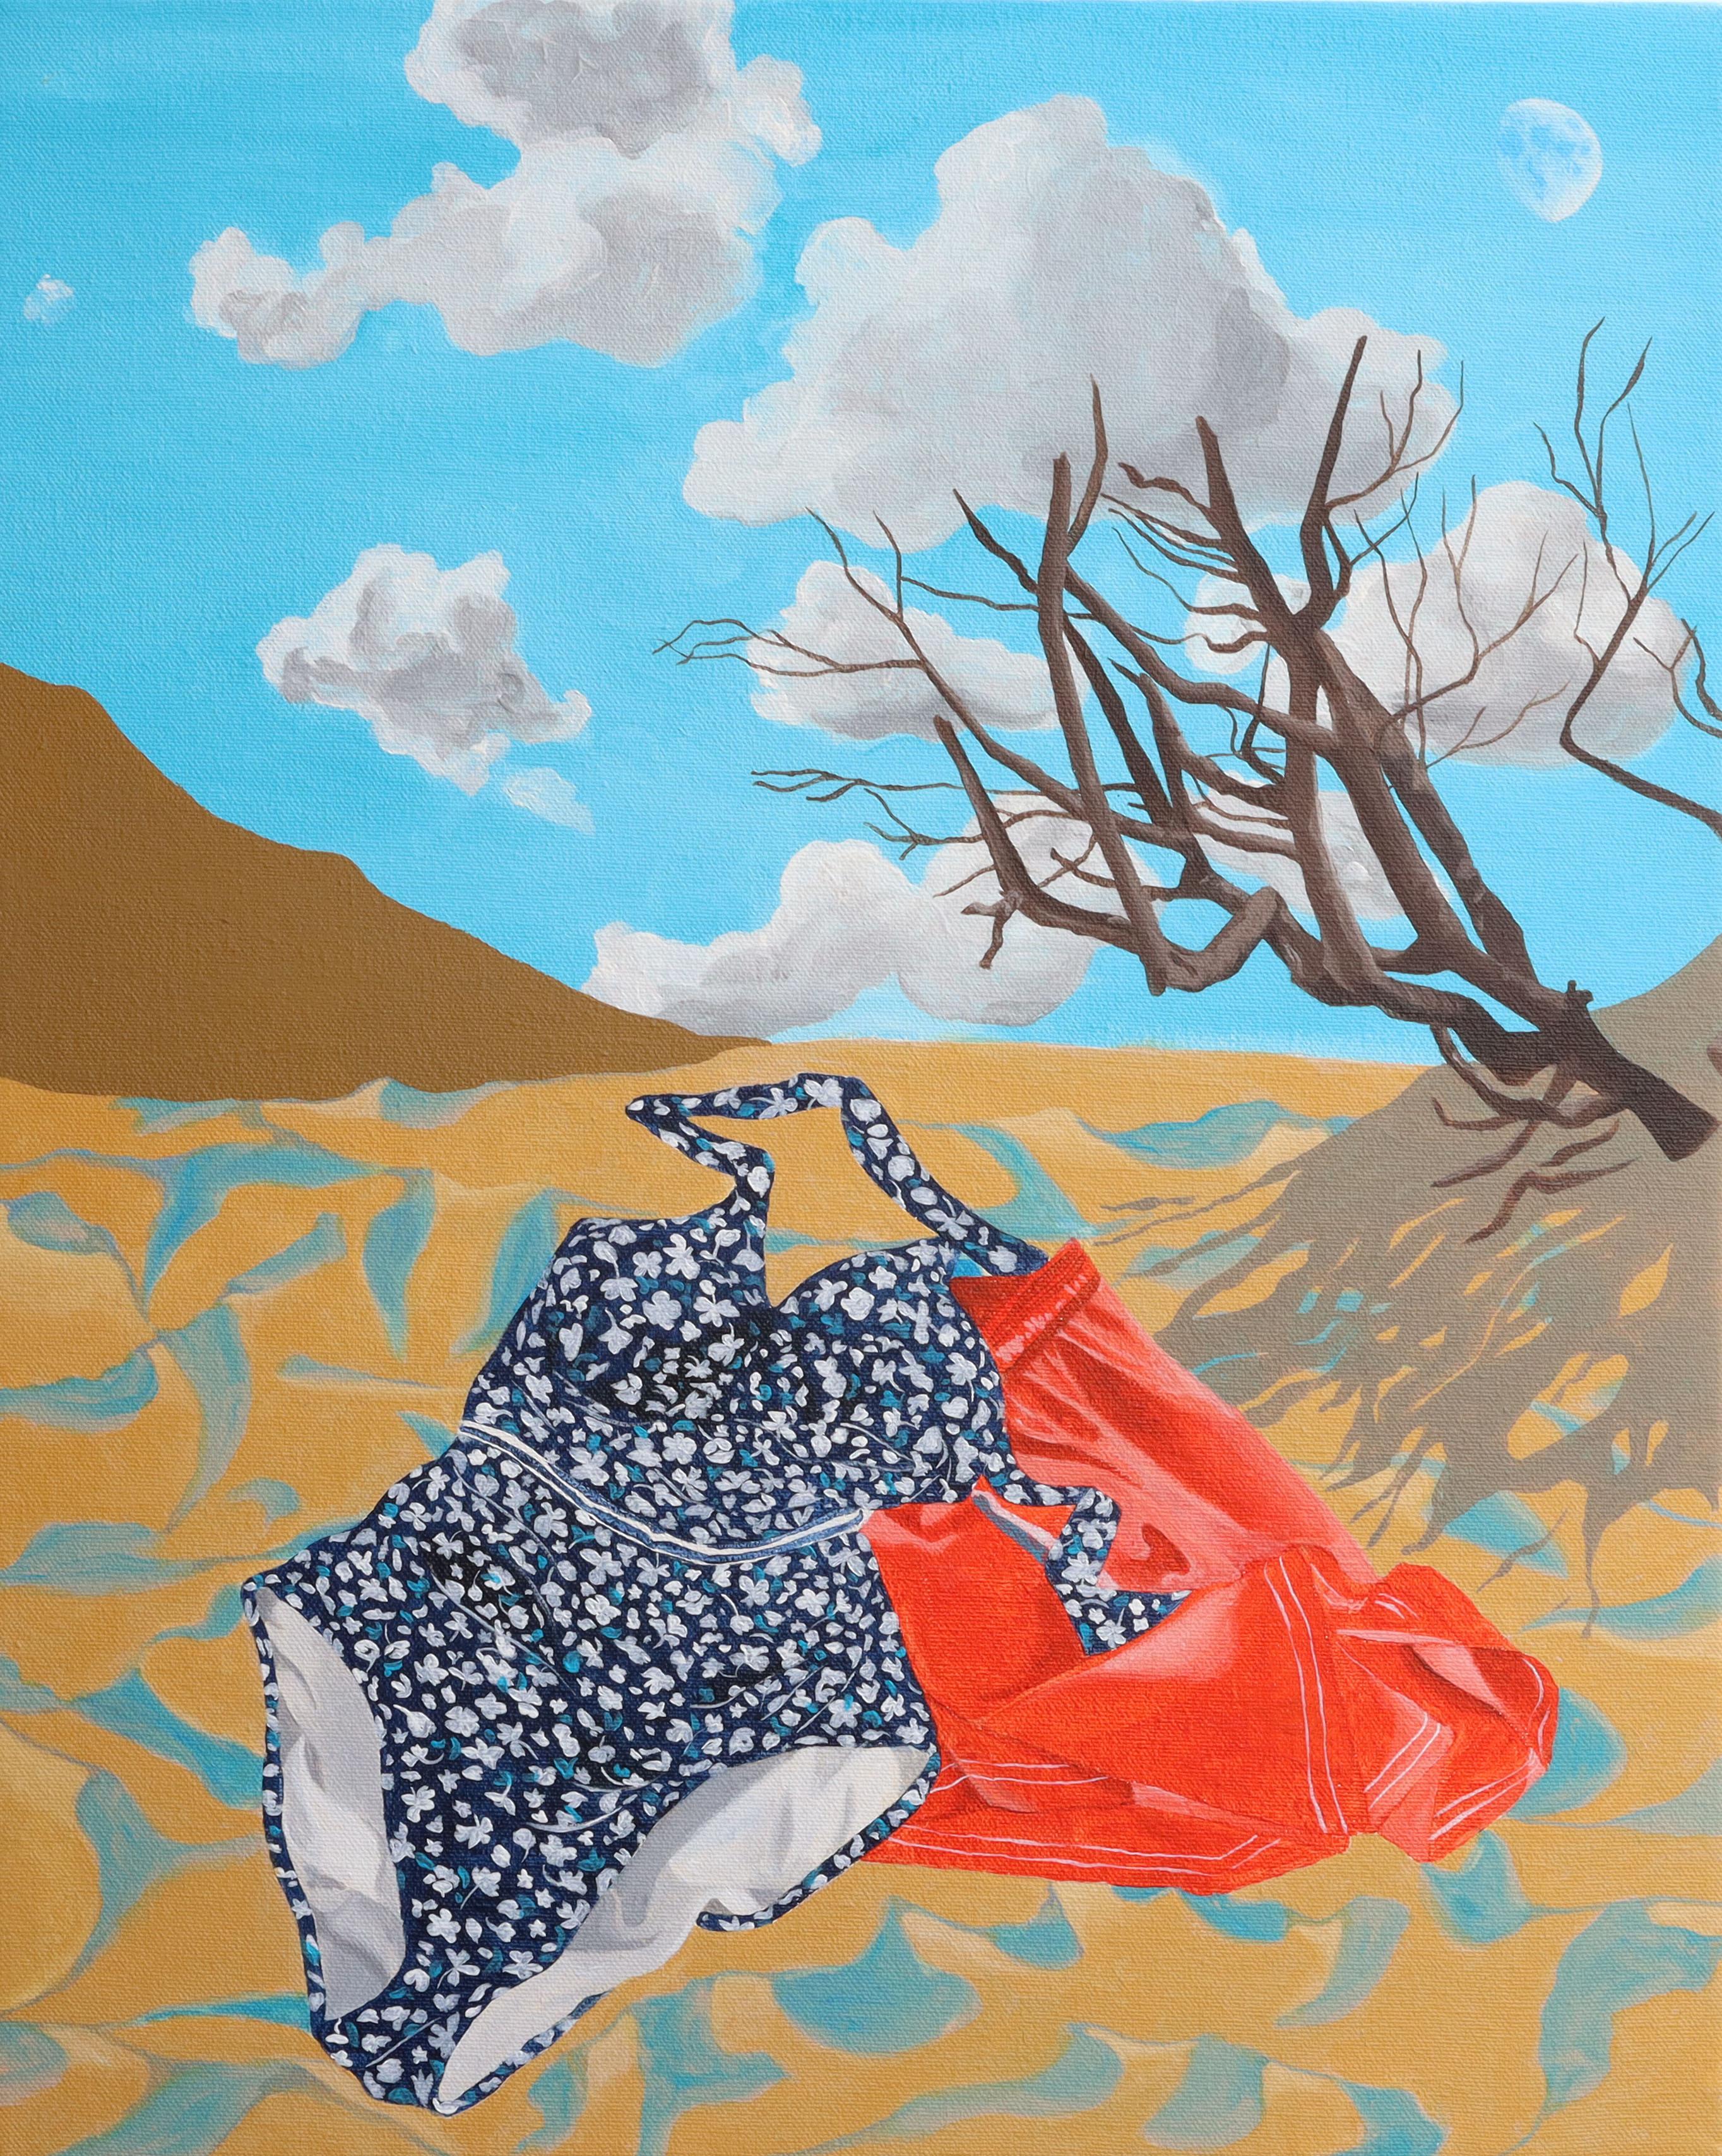 Irene Balia, Quando il sole ci nutriva, 2021, acrilico su tela, 40x50cm